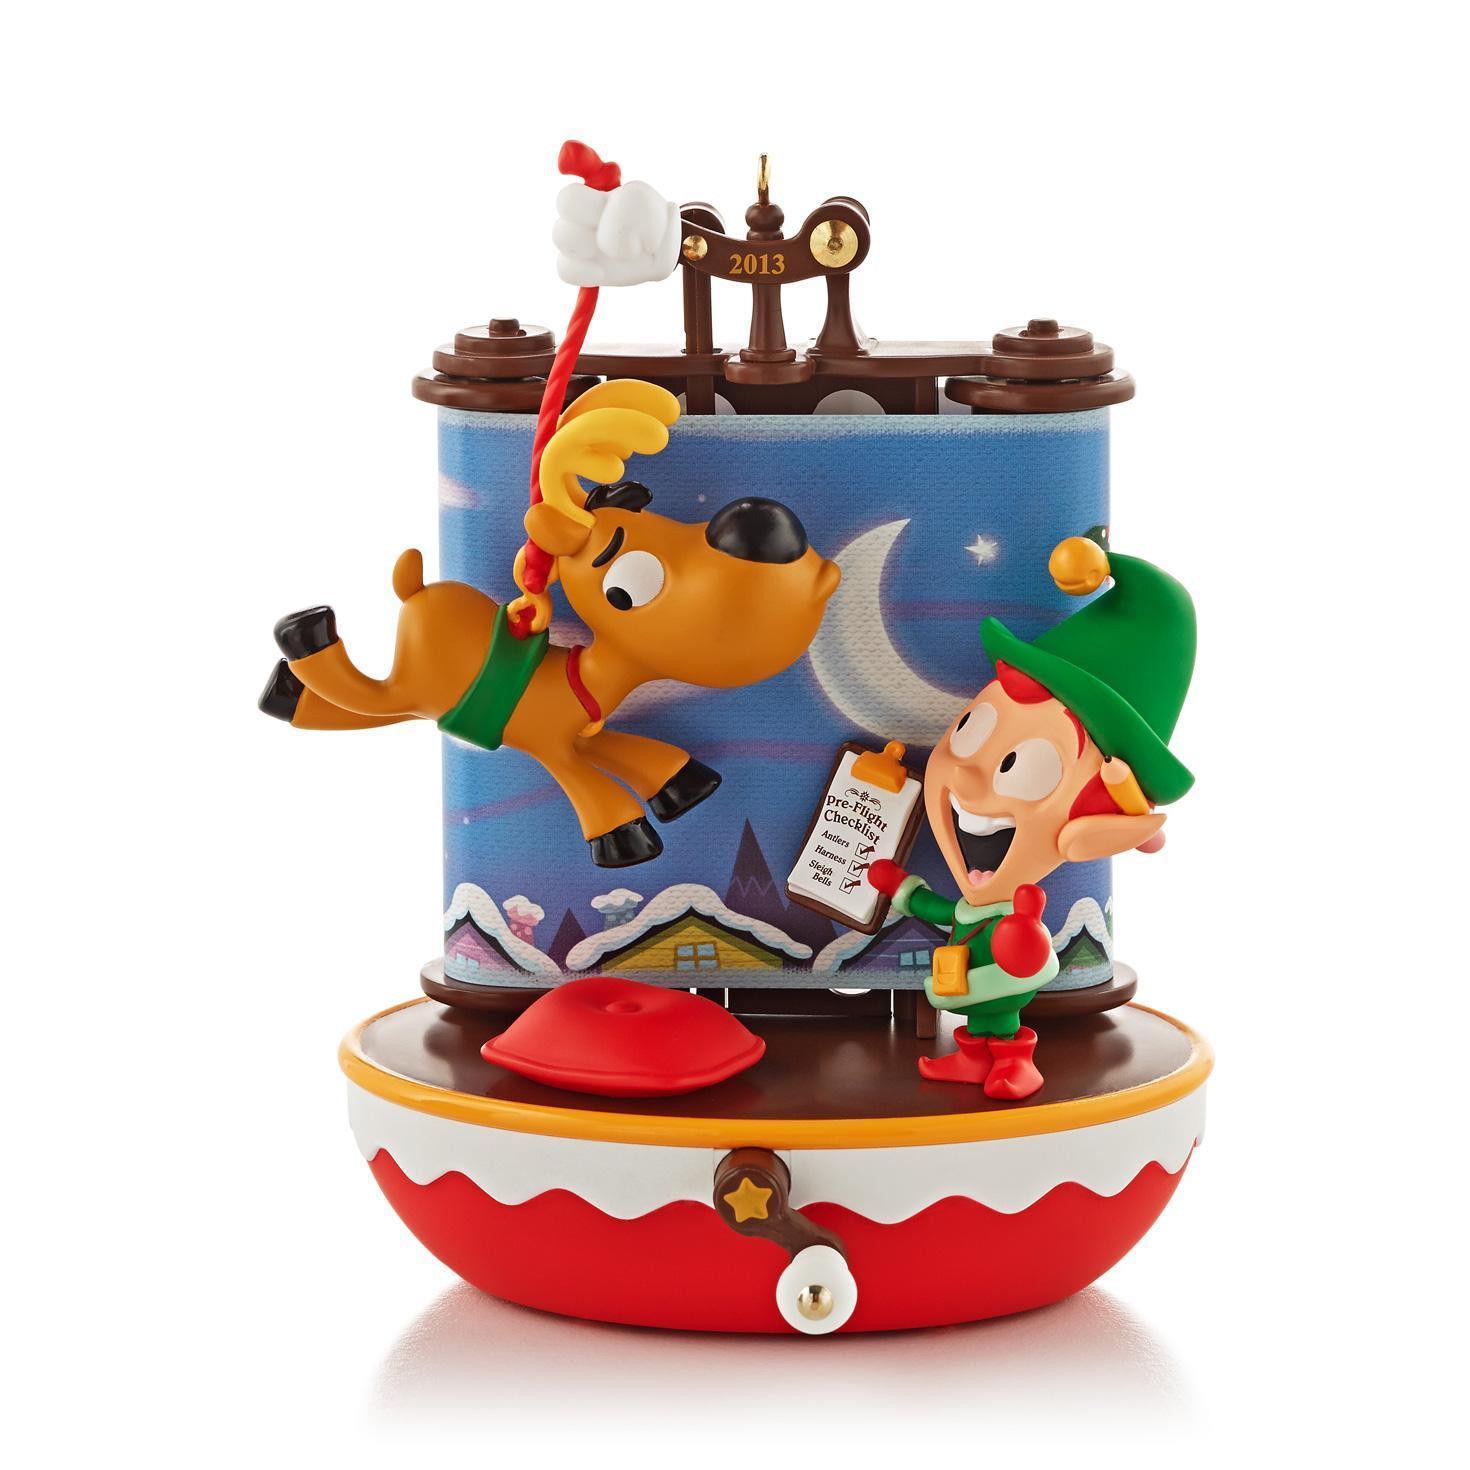 Hallmark Keepsake Magic Ornament 2013 Santas Reindeer